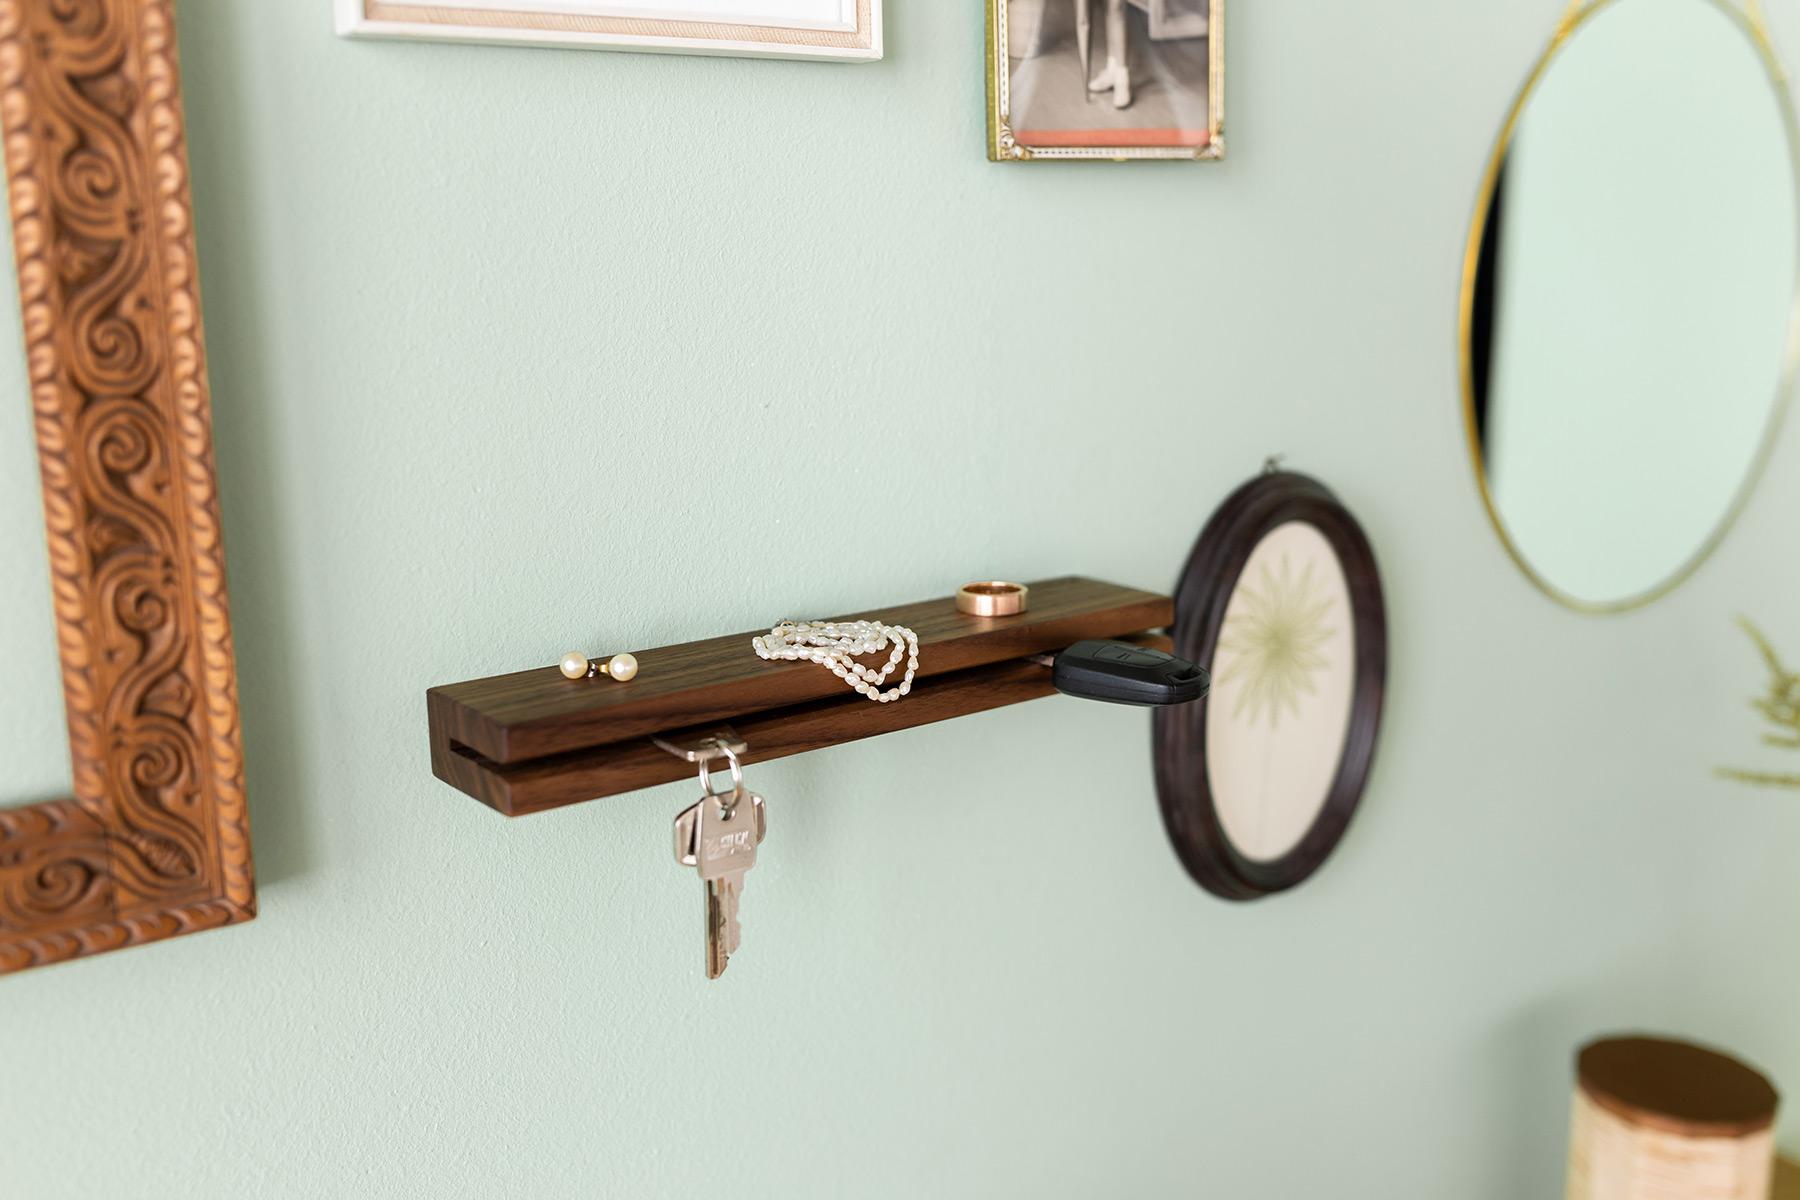 Schlüsselbrett und Schlüsselleiste